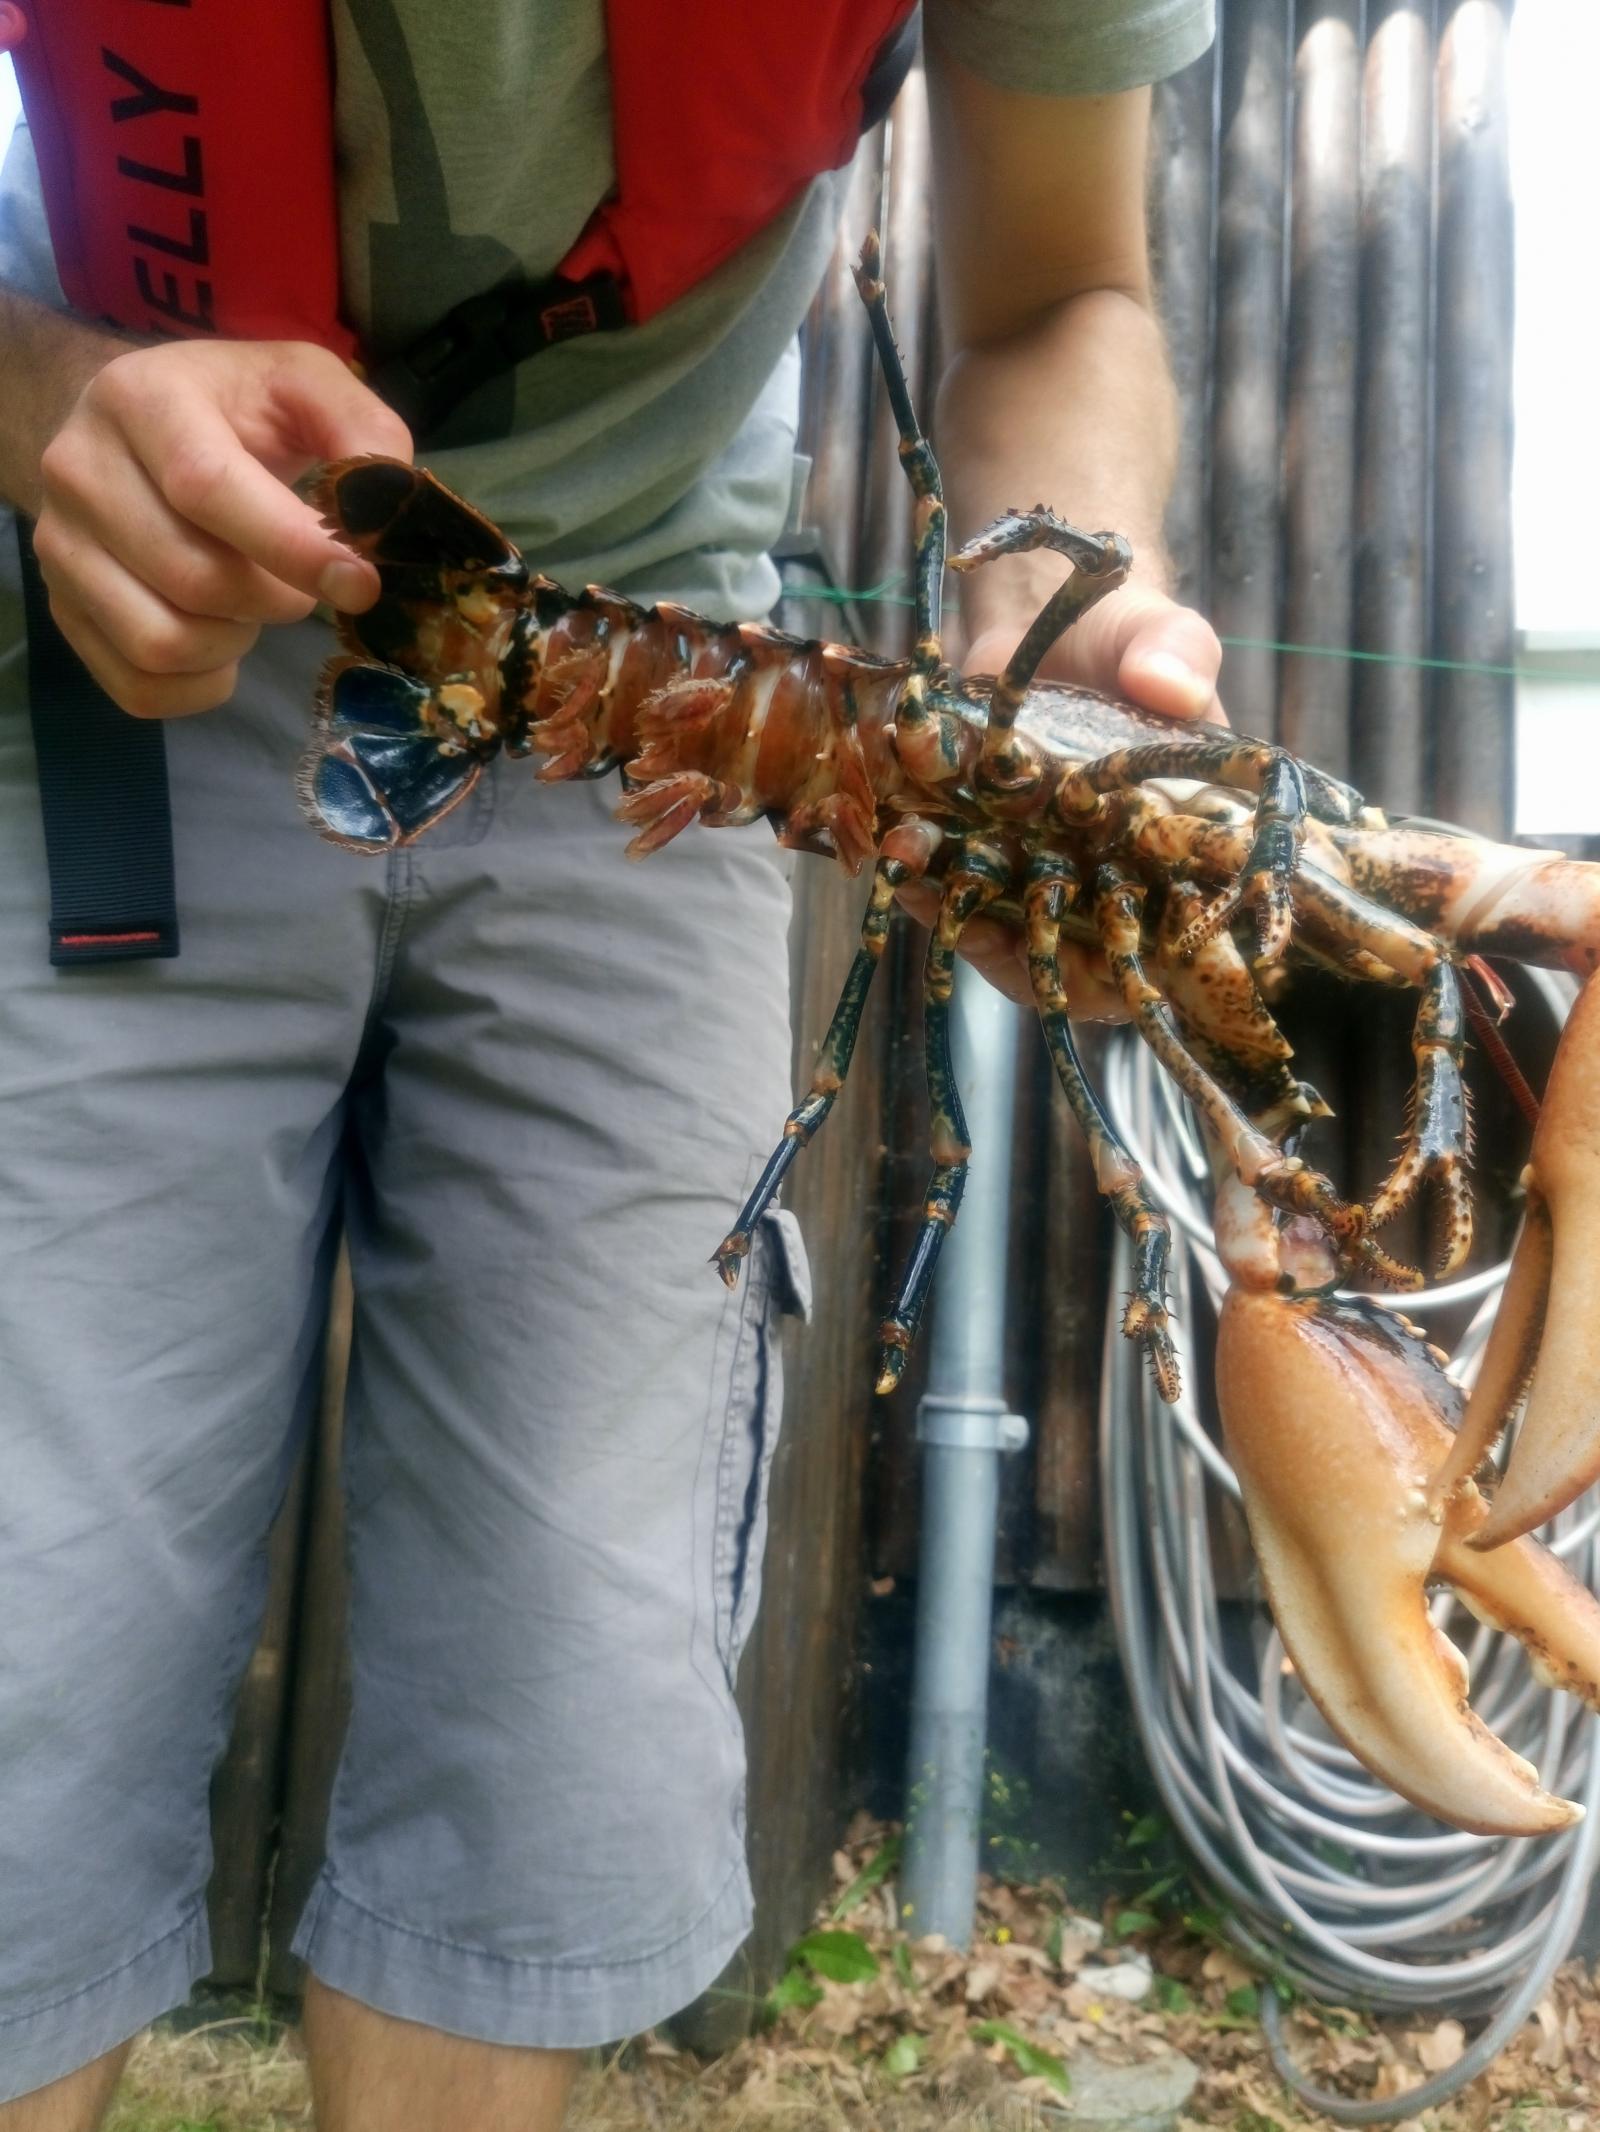 Anden art på 32 cm og 1.10 kg fra Djursland, Østjylland -  fanget på Powerbait # 6809